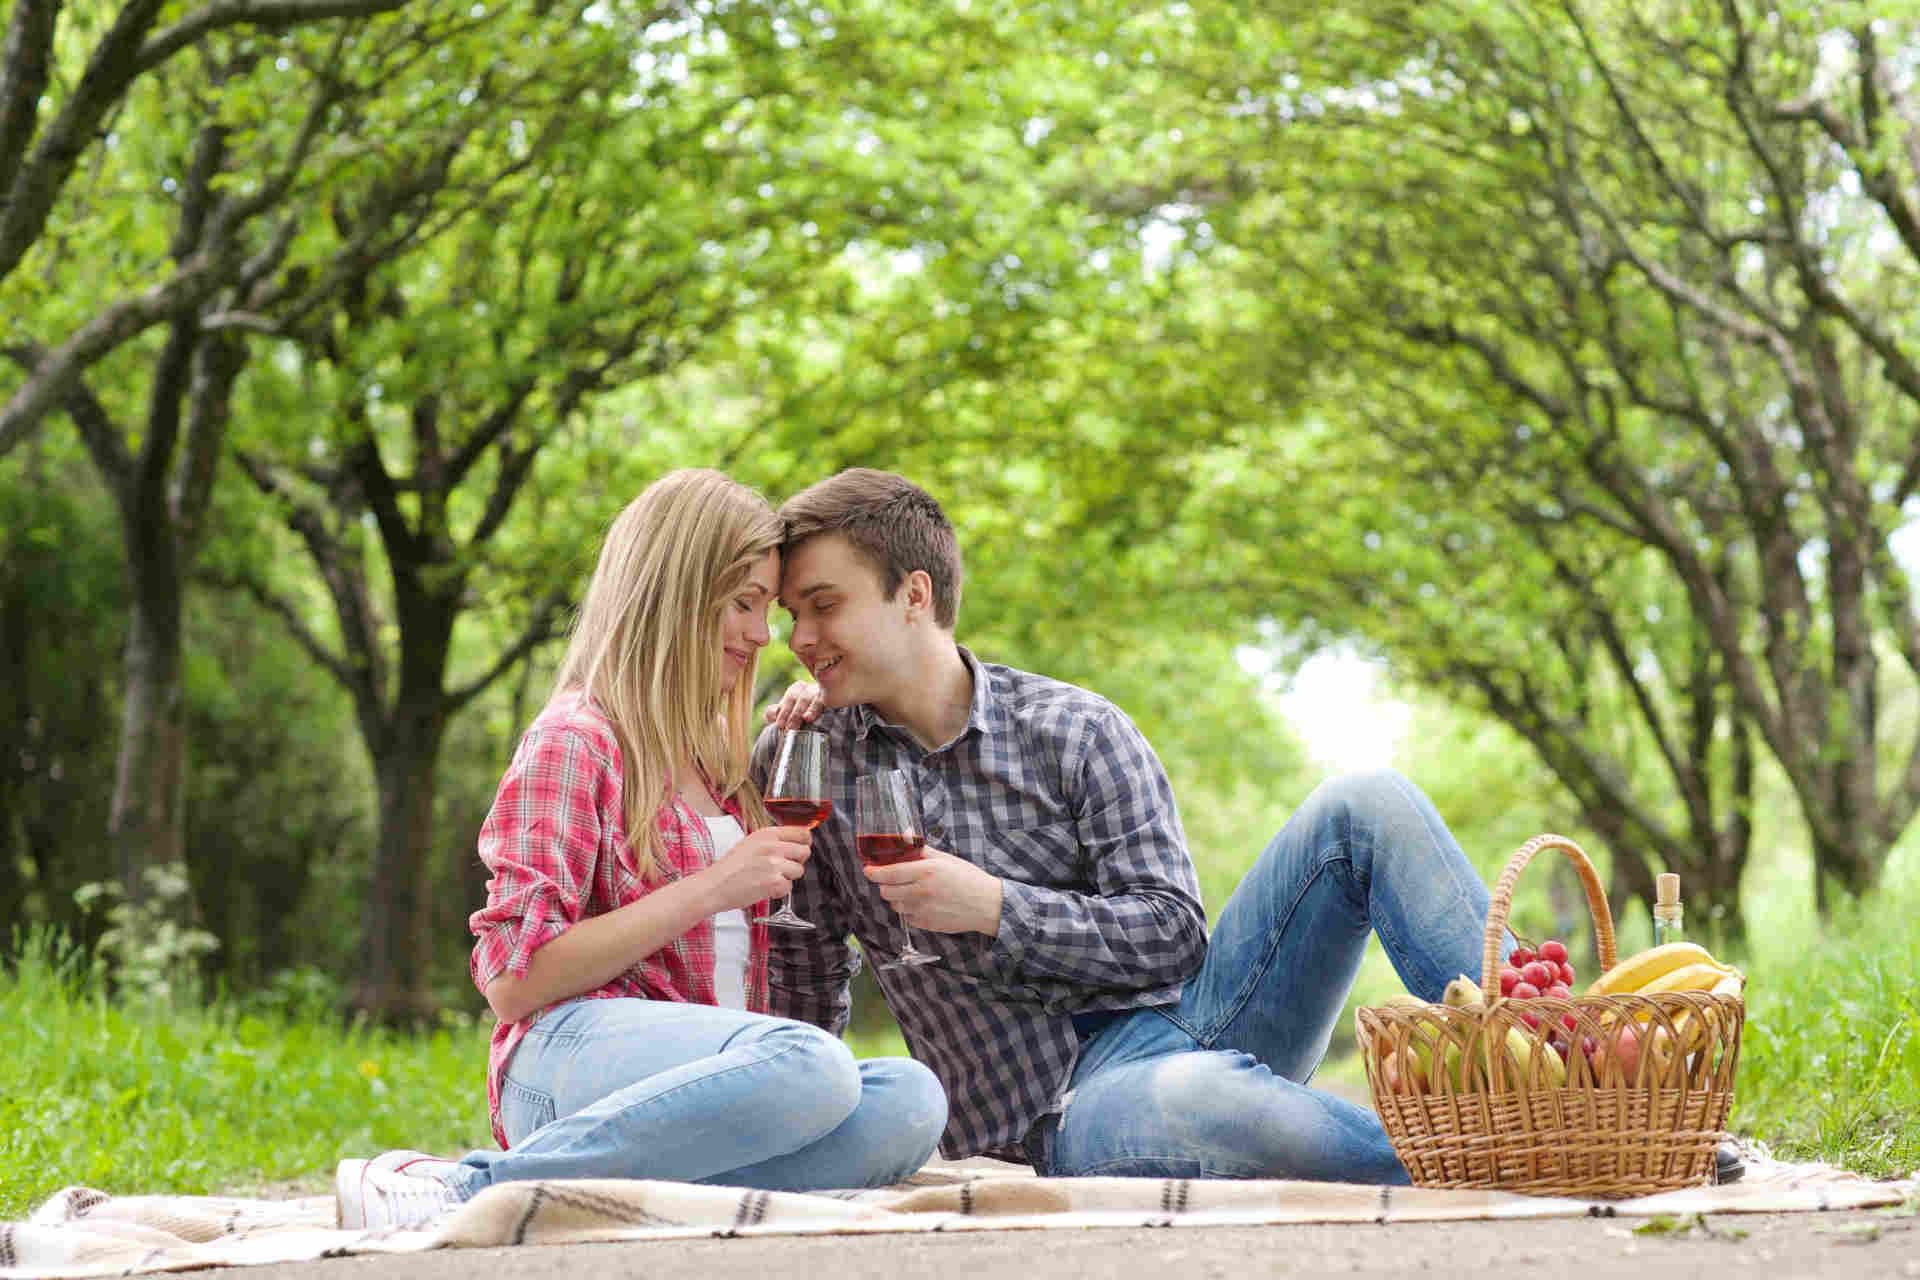 野外で広げたシートの上に座り、ワインを飲んでいる外国人の男女